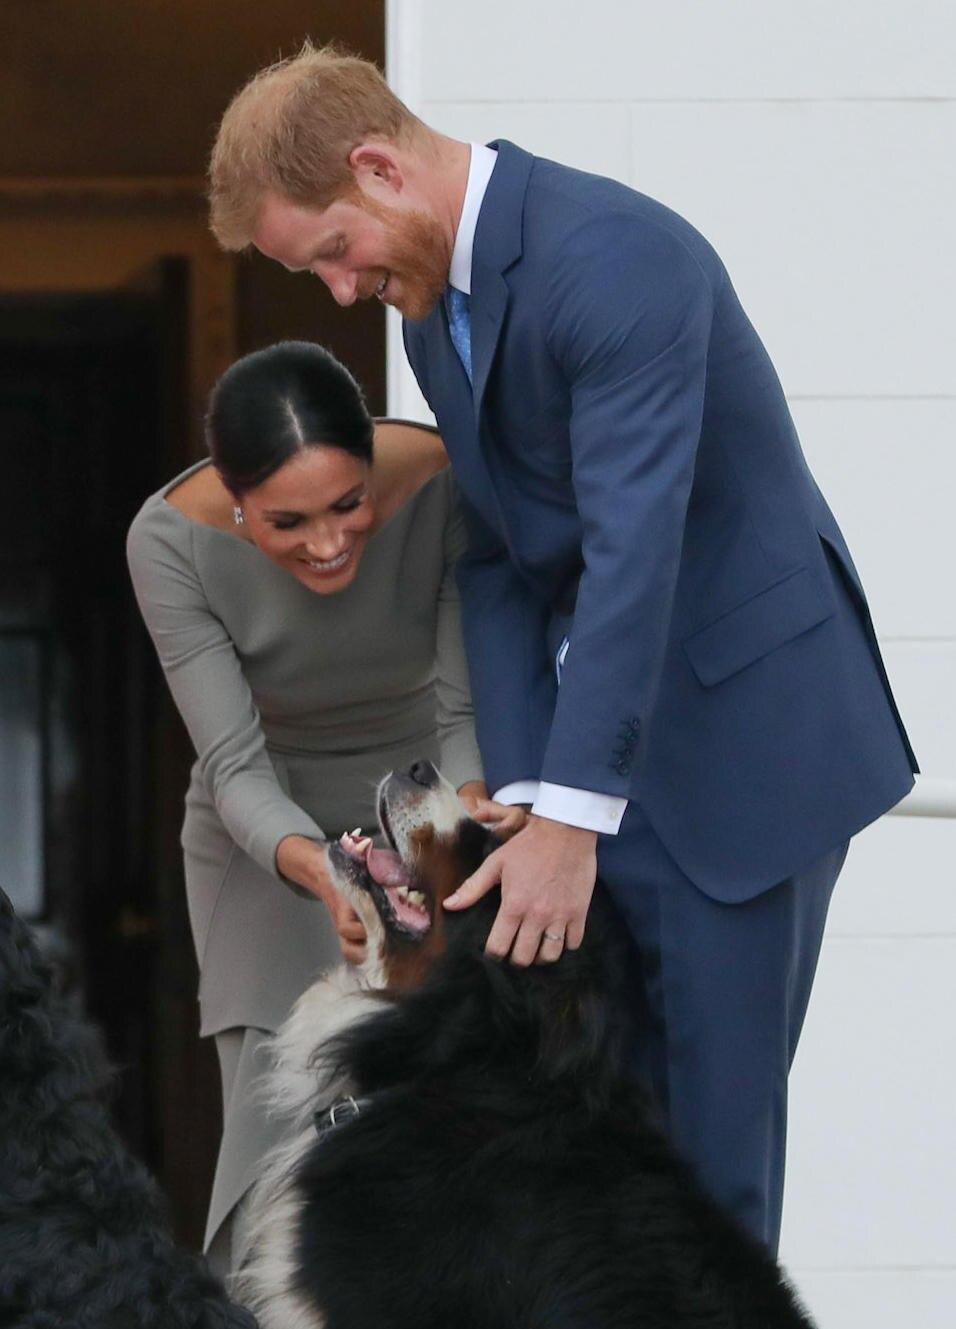 Harry und Meghan knuddeln mit dem Hund des irischen PräsidentenMichael Higgins.